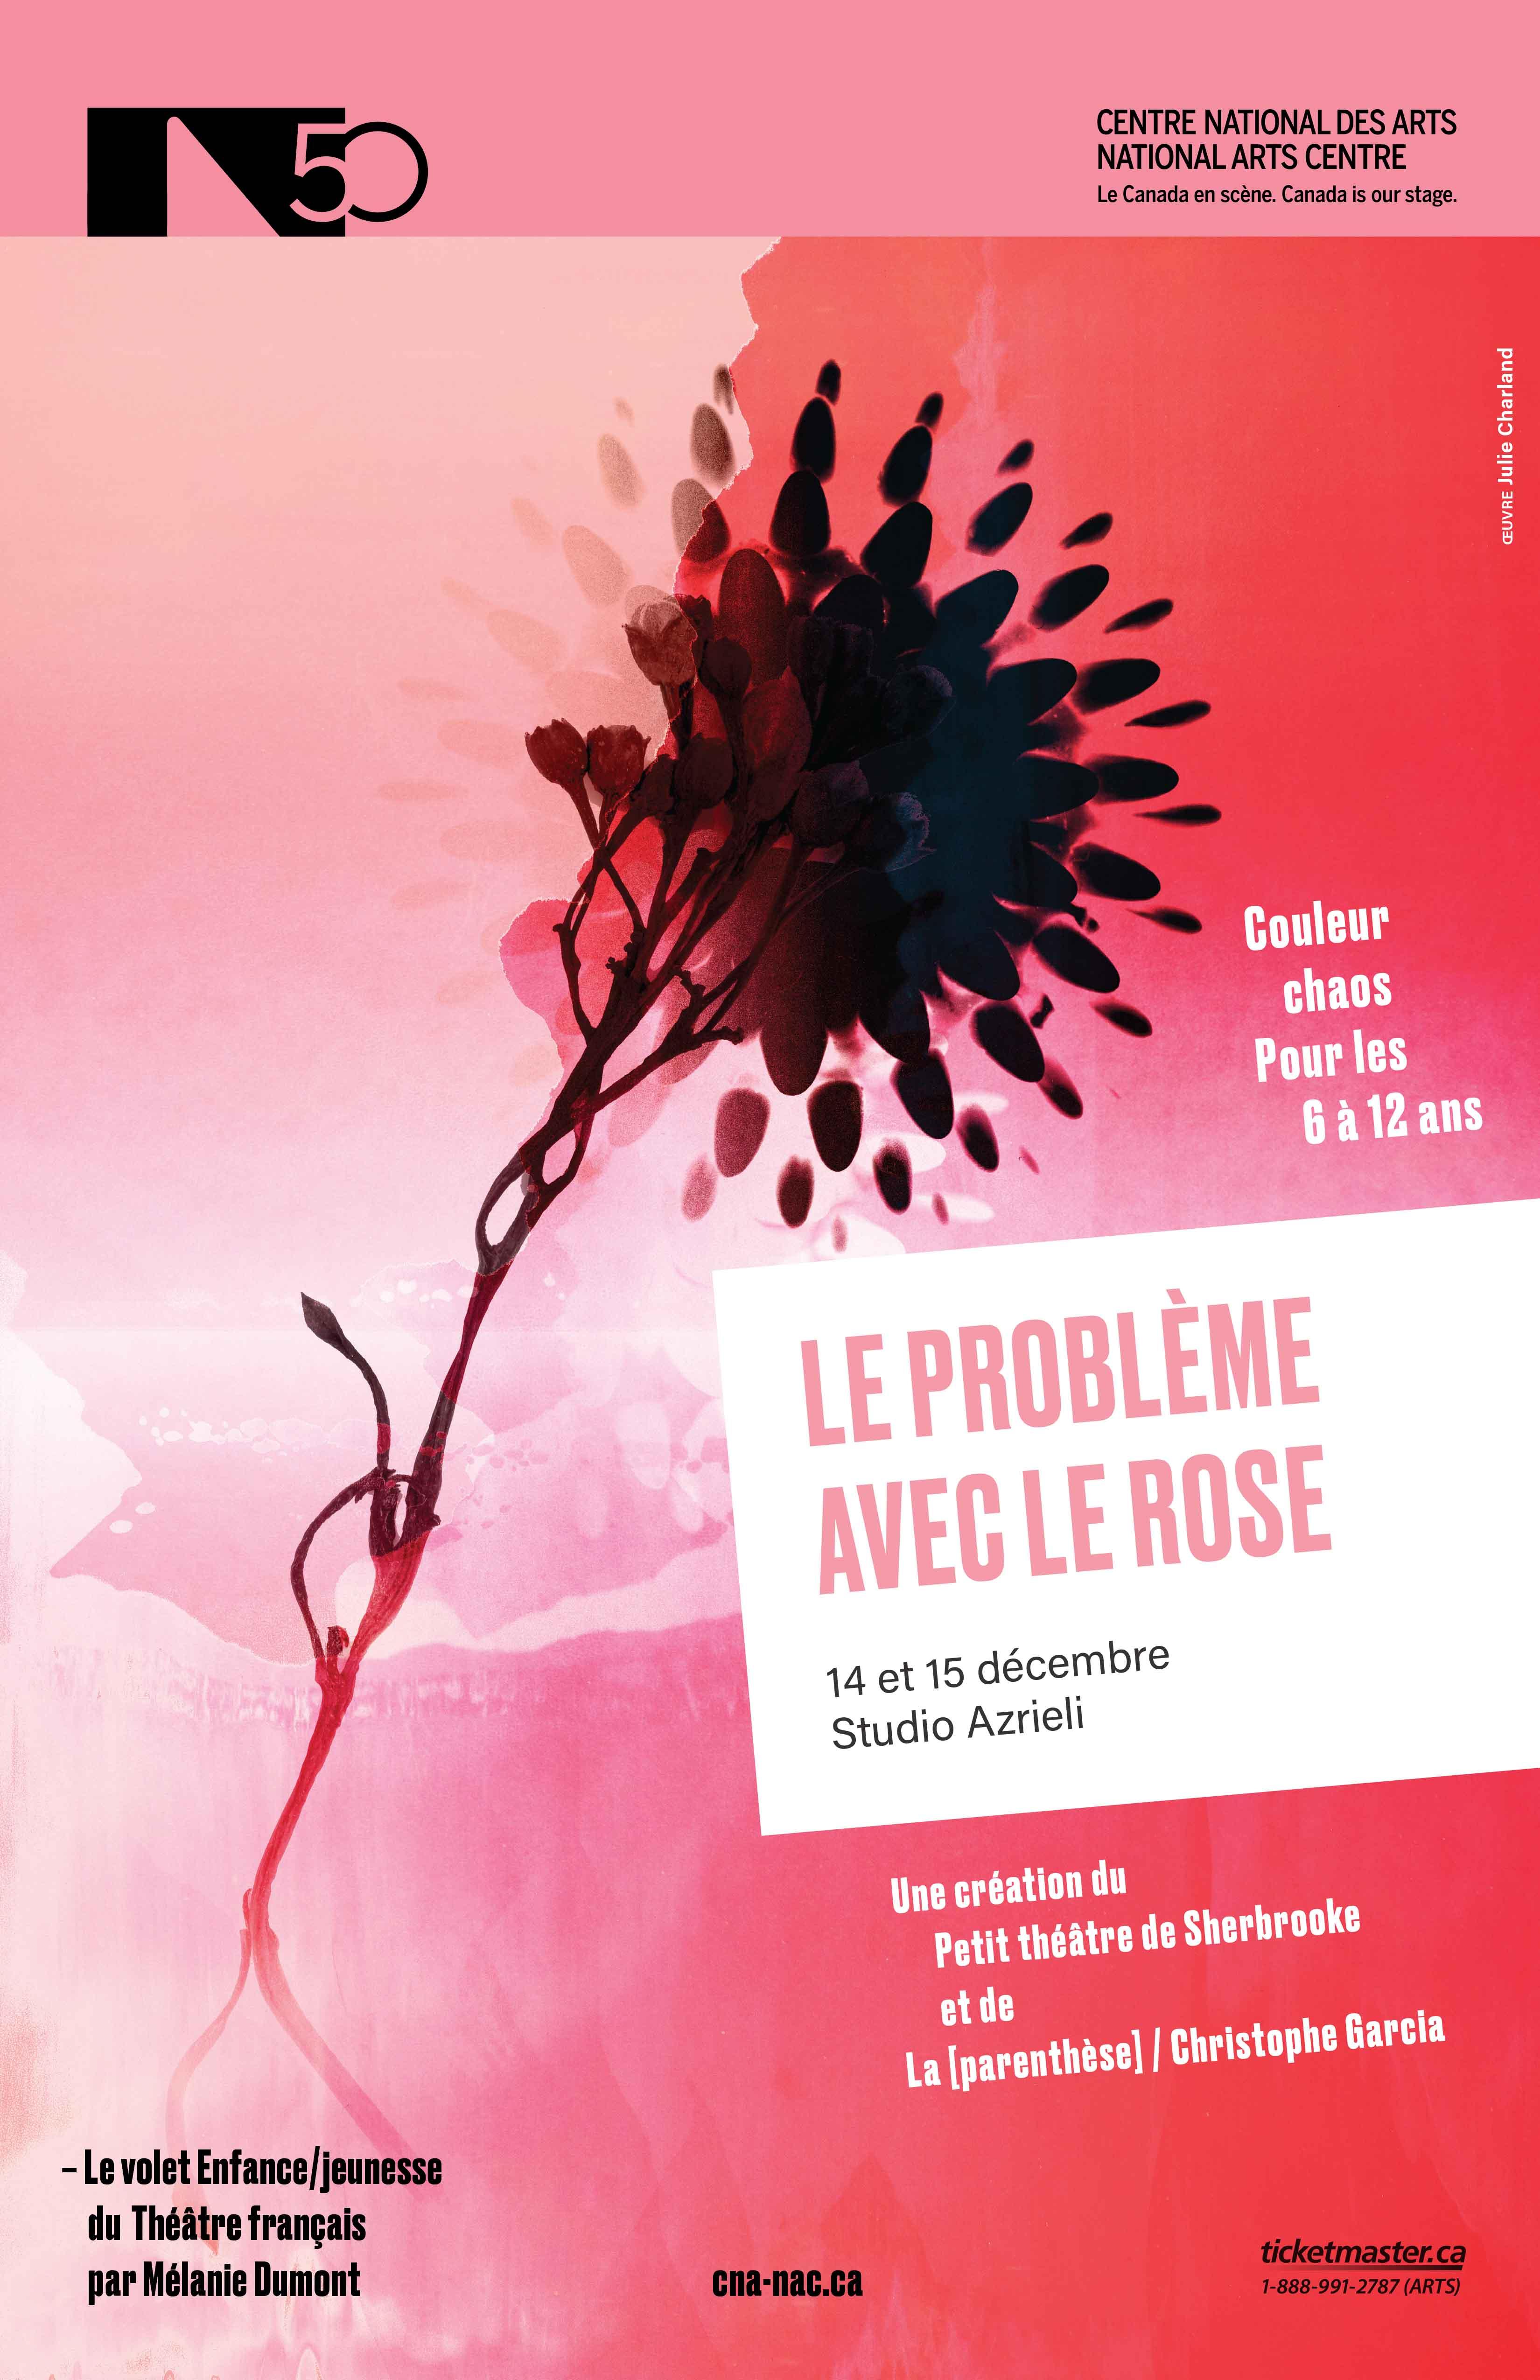 Le probleme avec le rose